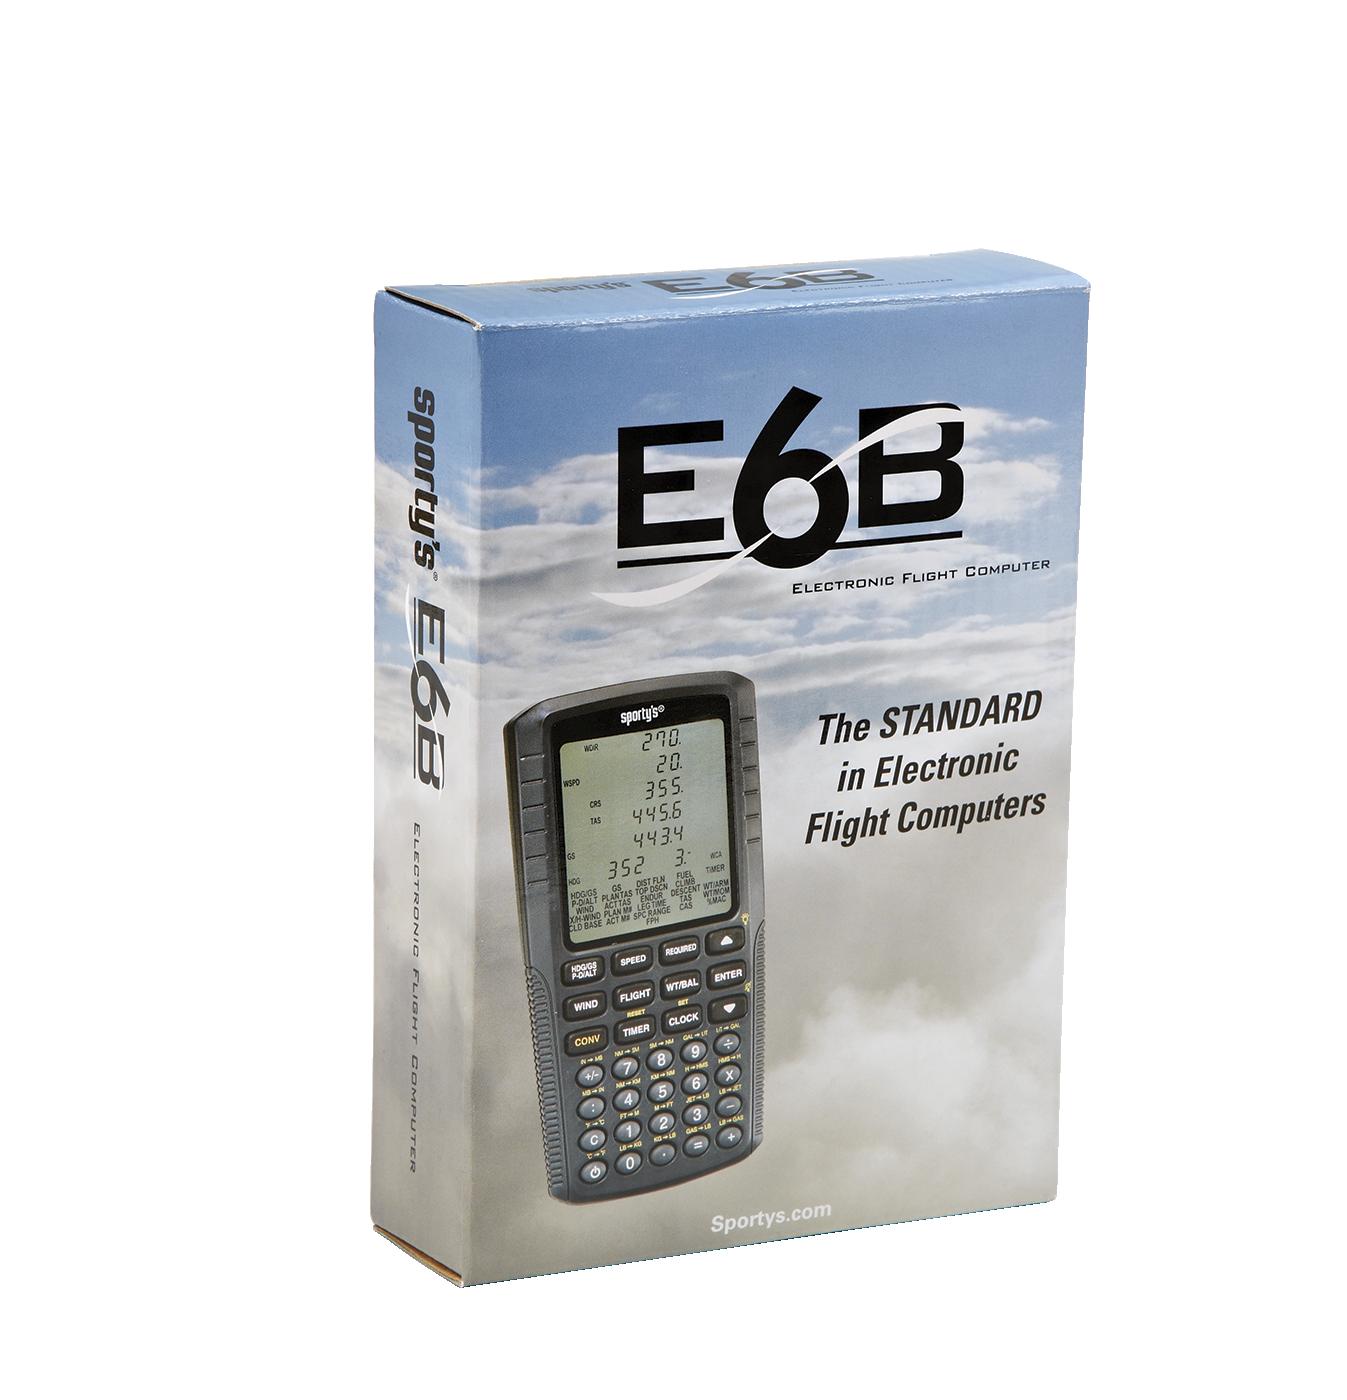 Sportys electronic e6b flight computer fandeluxe Gallery